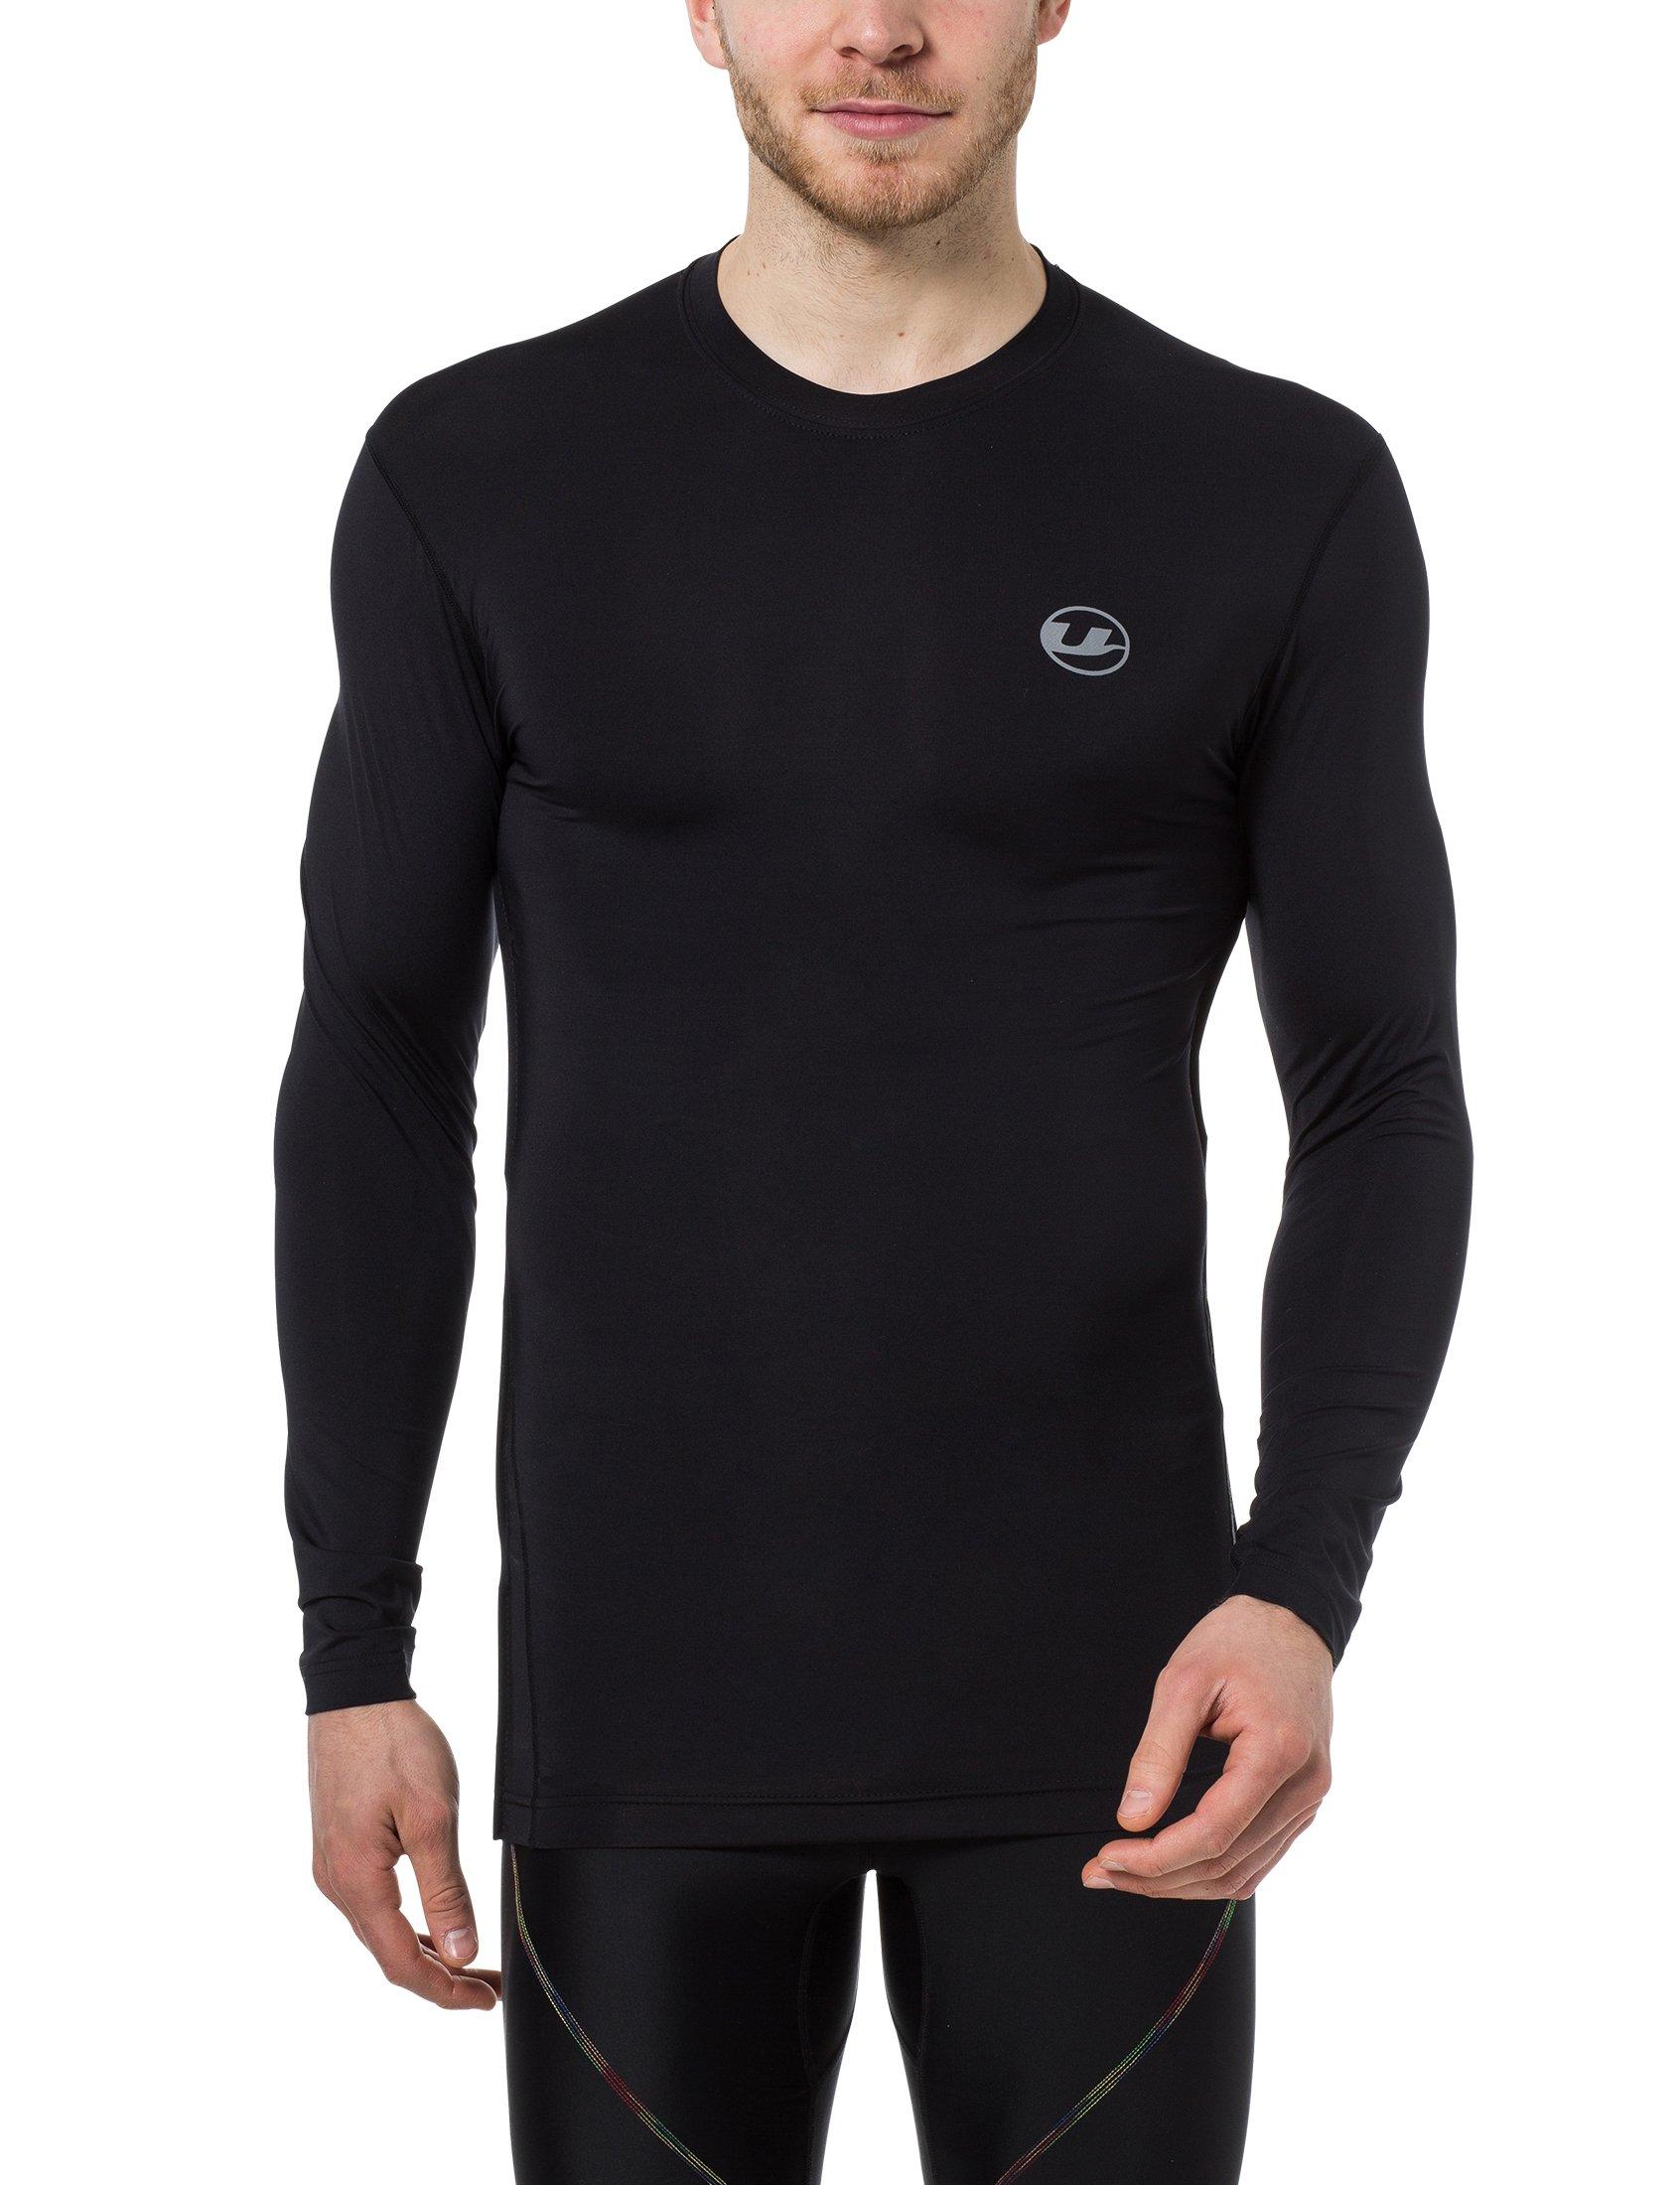 Ultrasport Herren Kompressionsshirt Ben, lang, Fitness Funktionsshirt, atmungsak